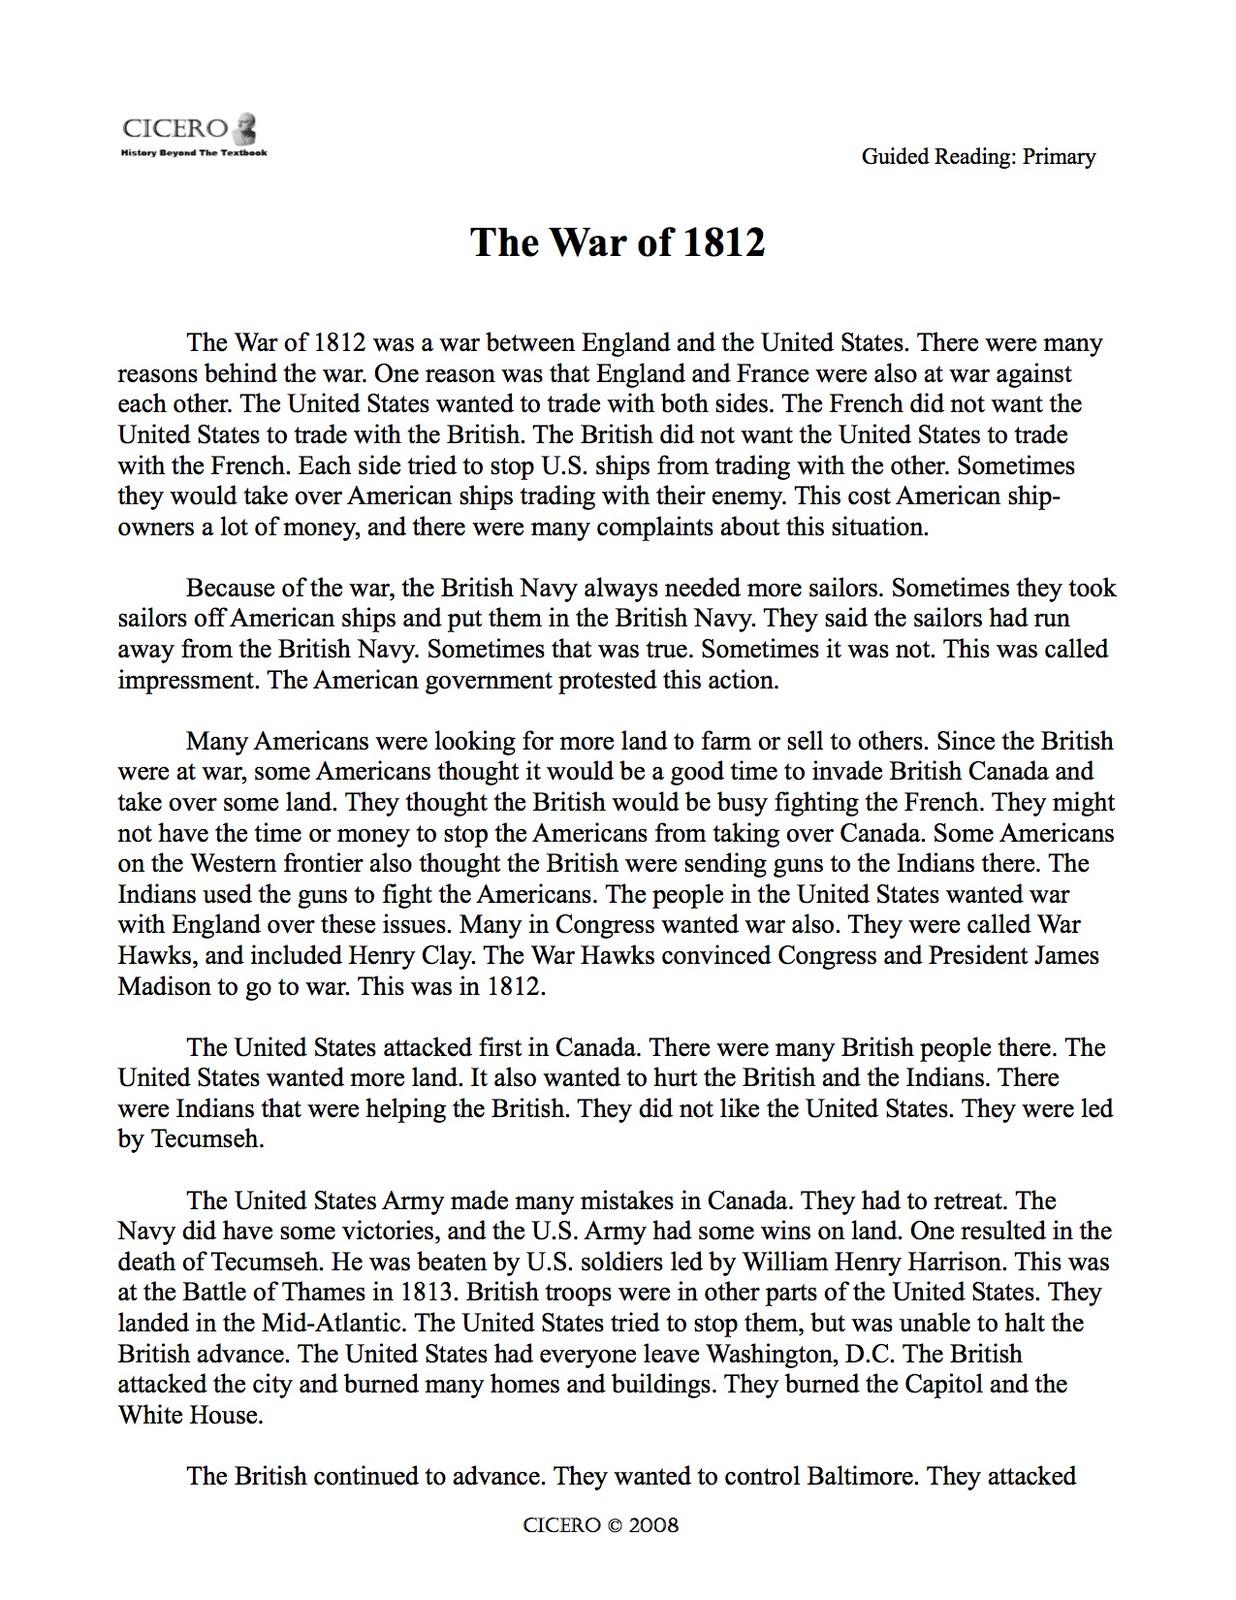 Dbq Essay War